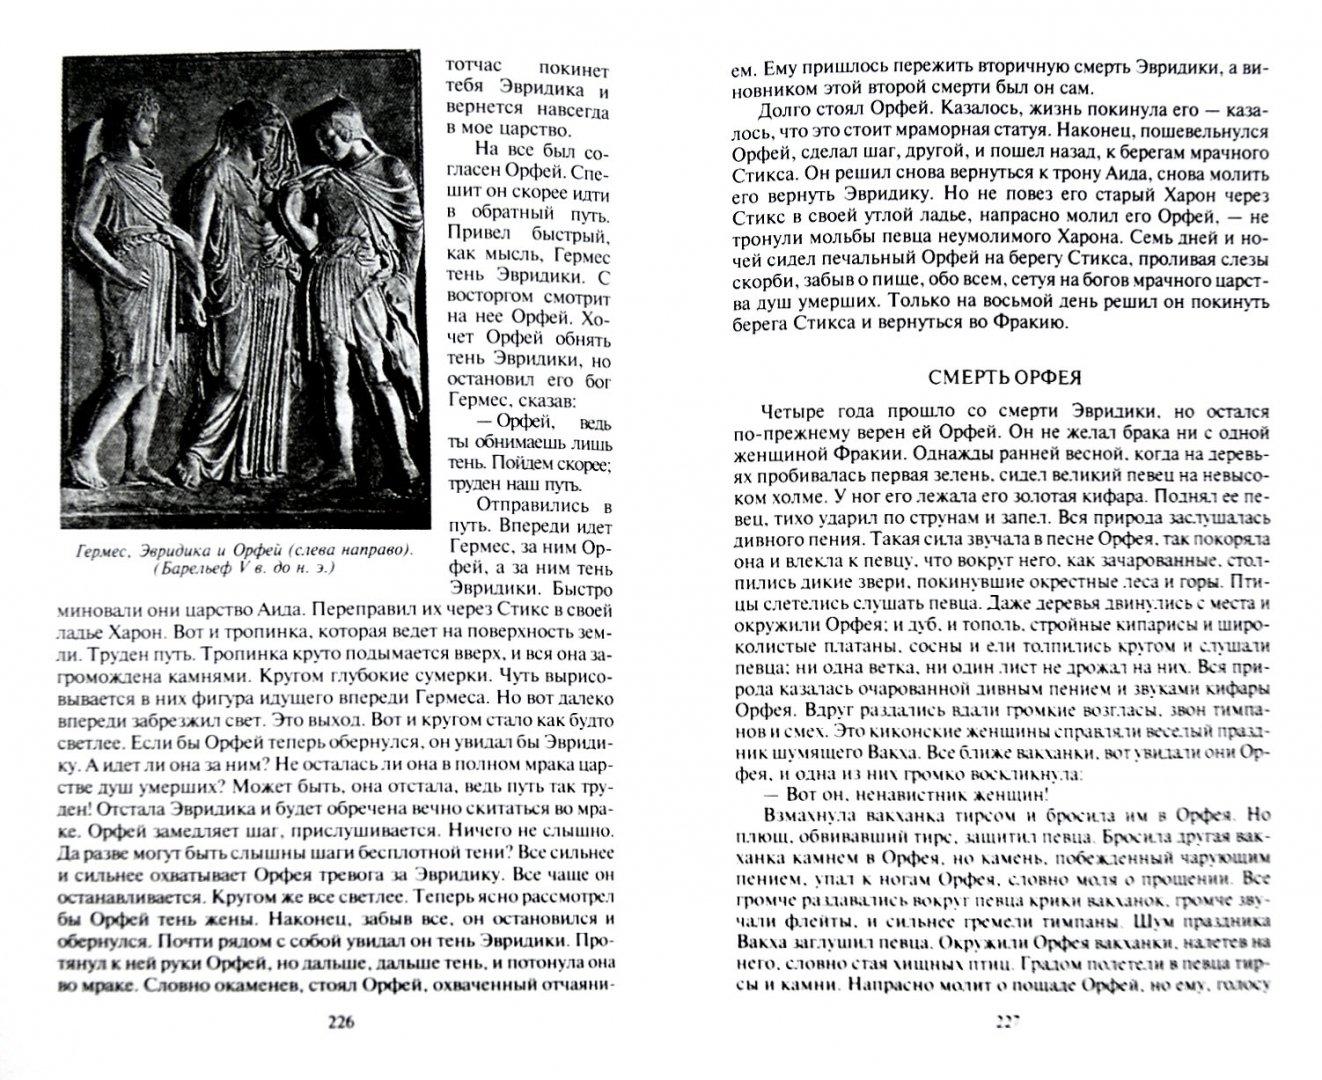 Иллюстрация 1 из 26 для Легенды и мифы Древней Греции - Николай Кун   Лабиринт - книги. Источник: Лабиринт